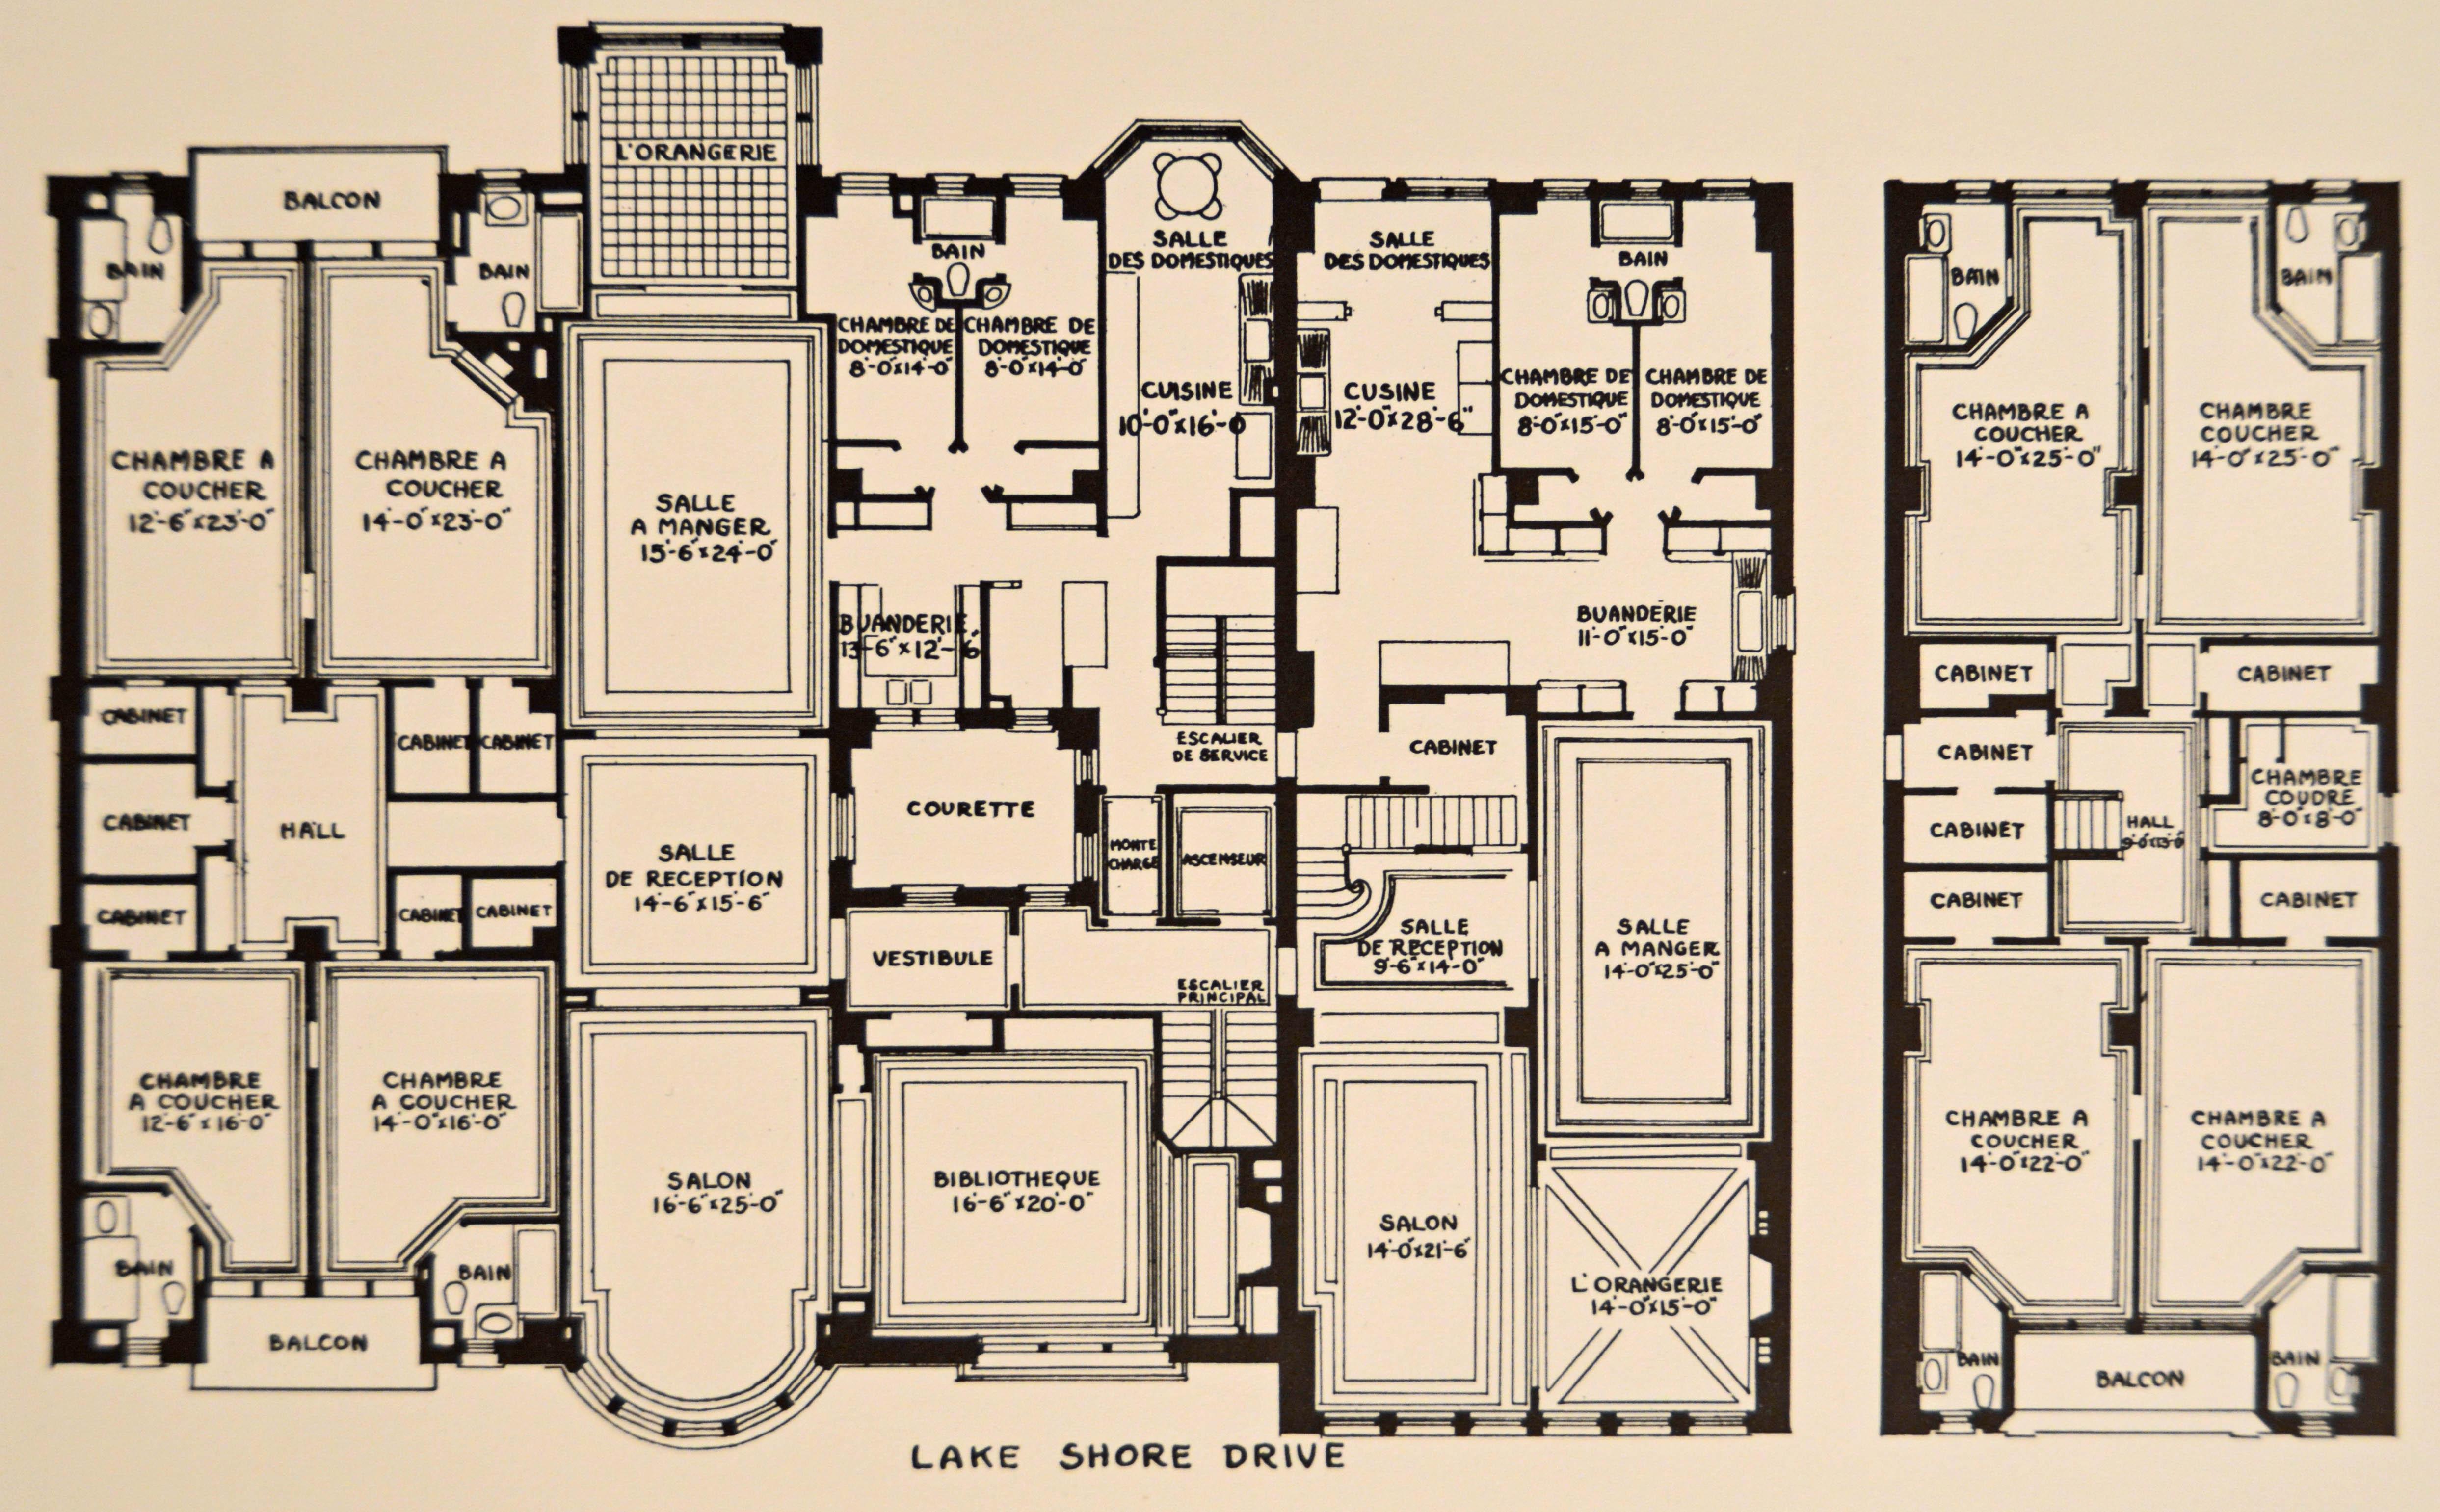 Apartment Building House Plans contemporary apartment building architectural plans floor